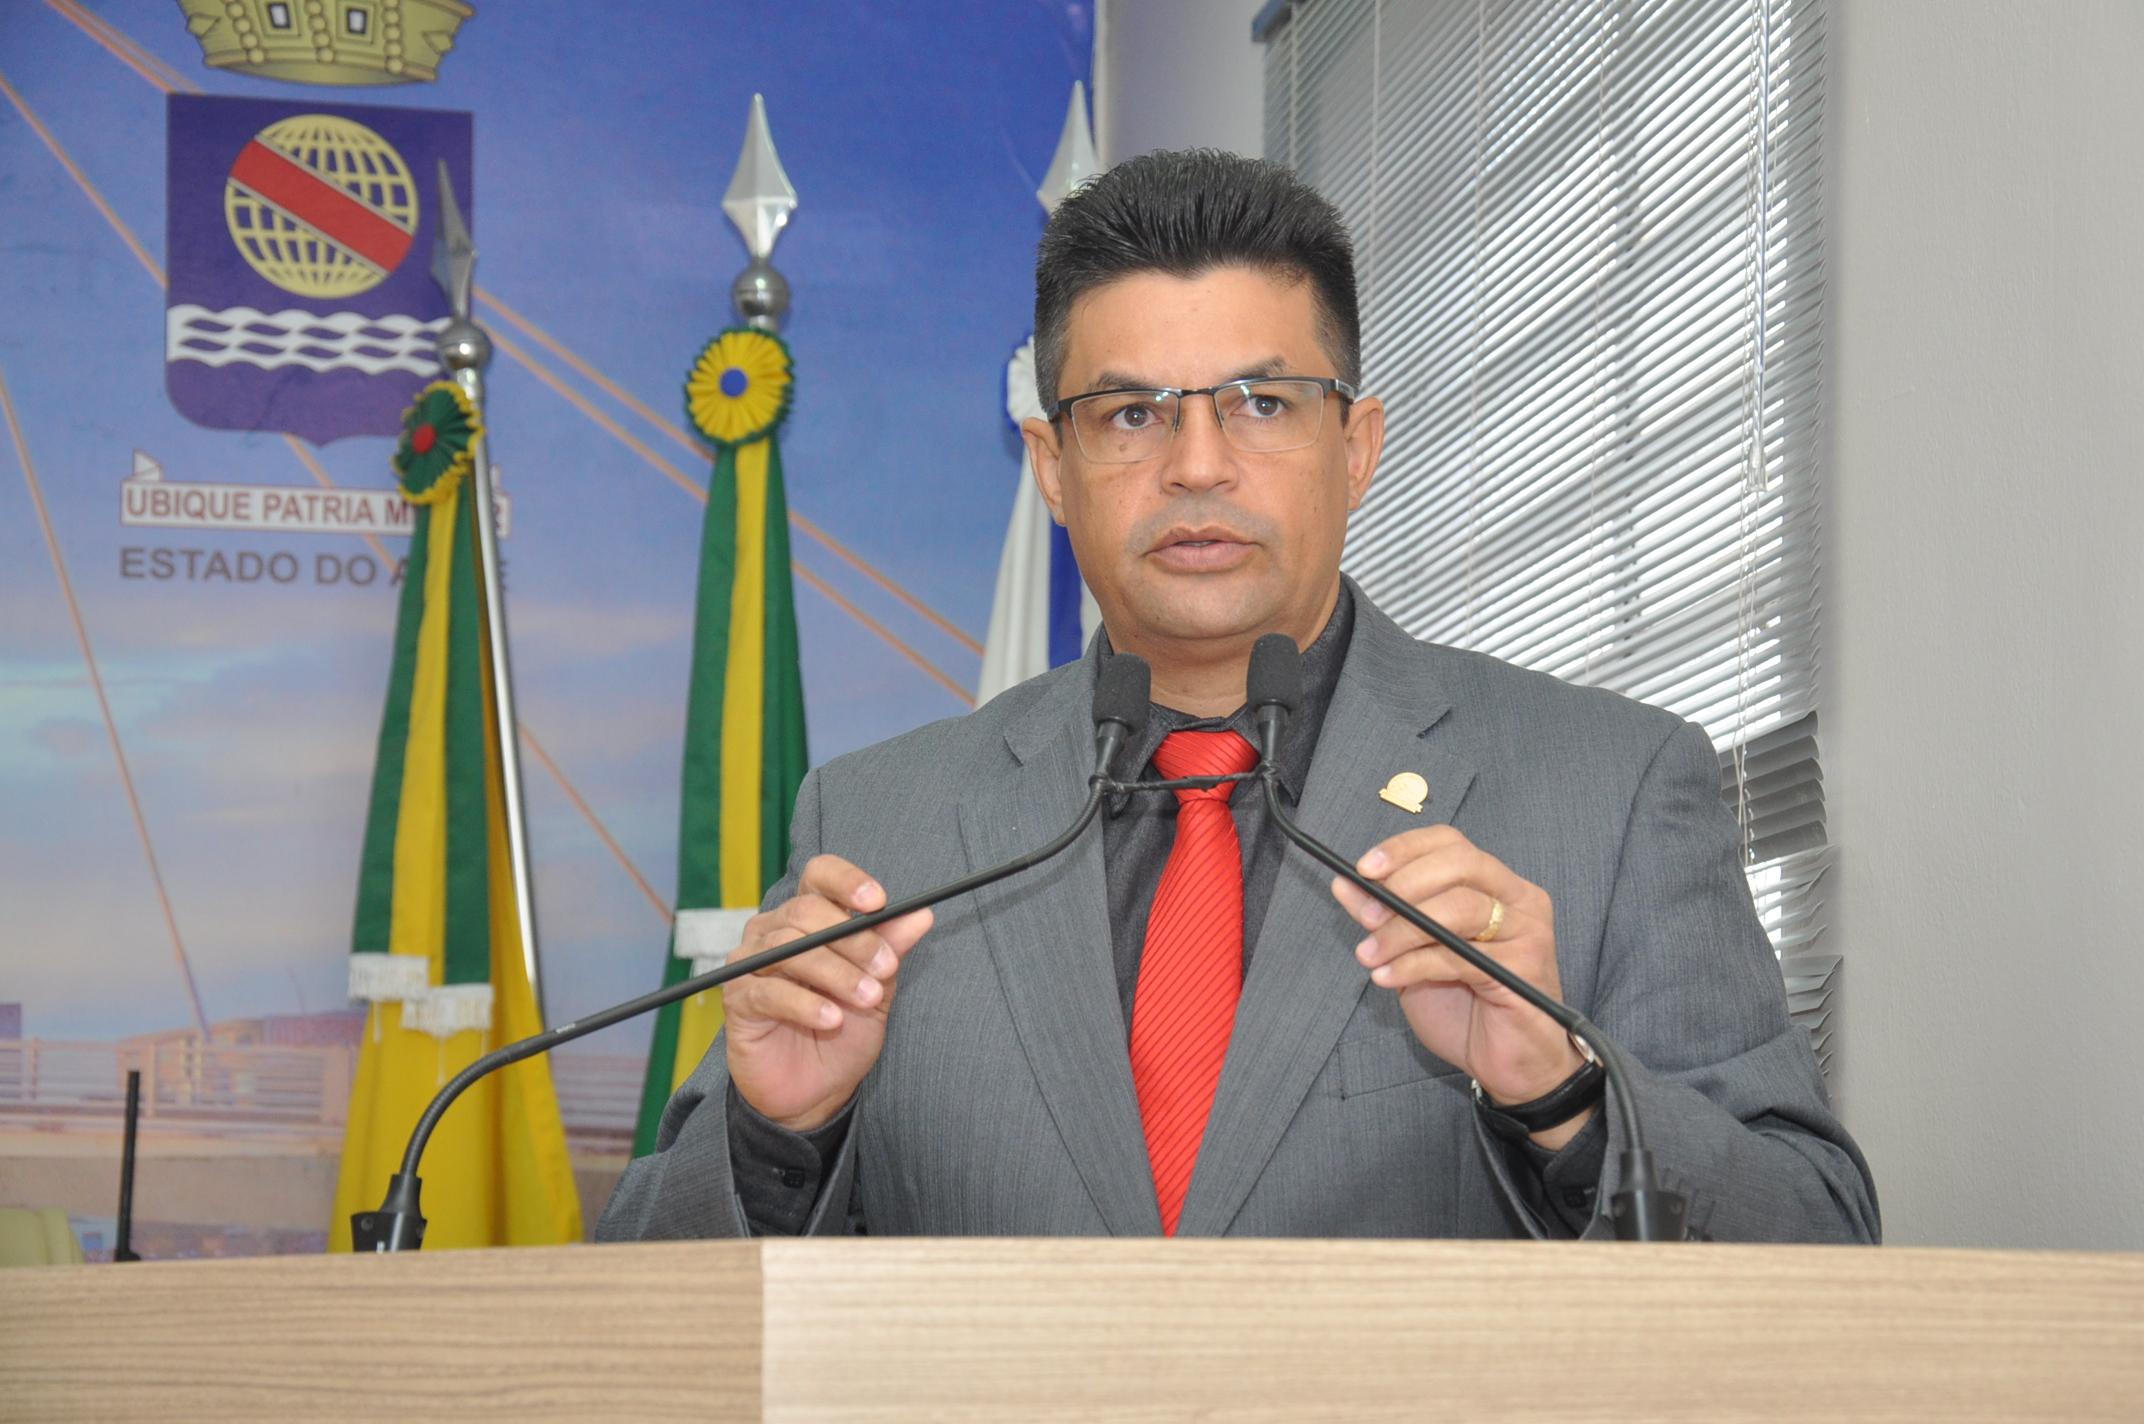 Presidente Manuel Marcos apresenta proposta que institui o Dia do Cerimonialista no Município de Rio Branco